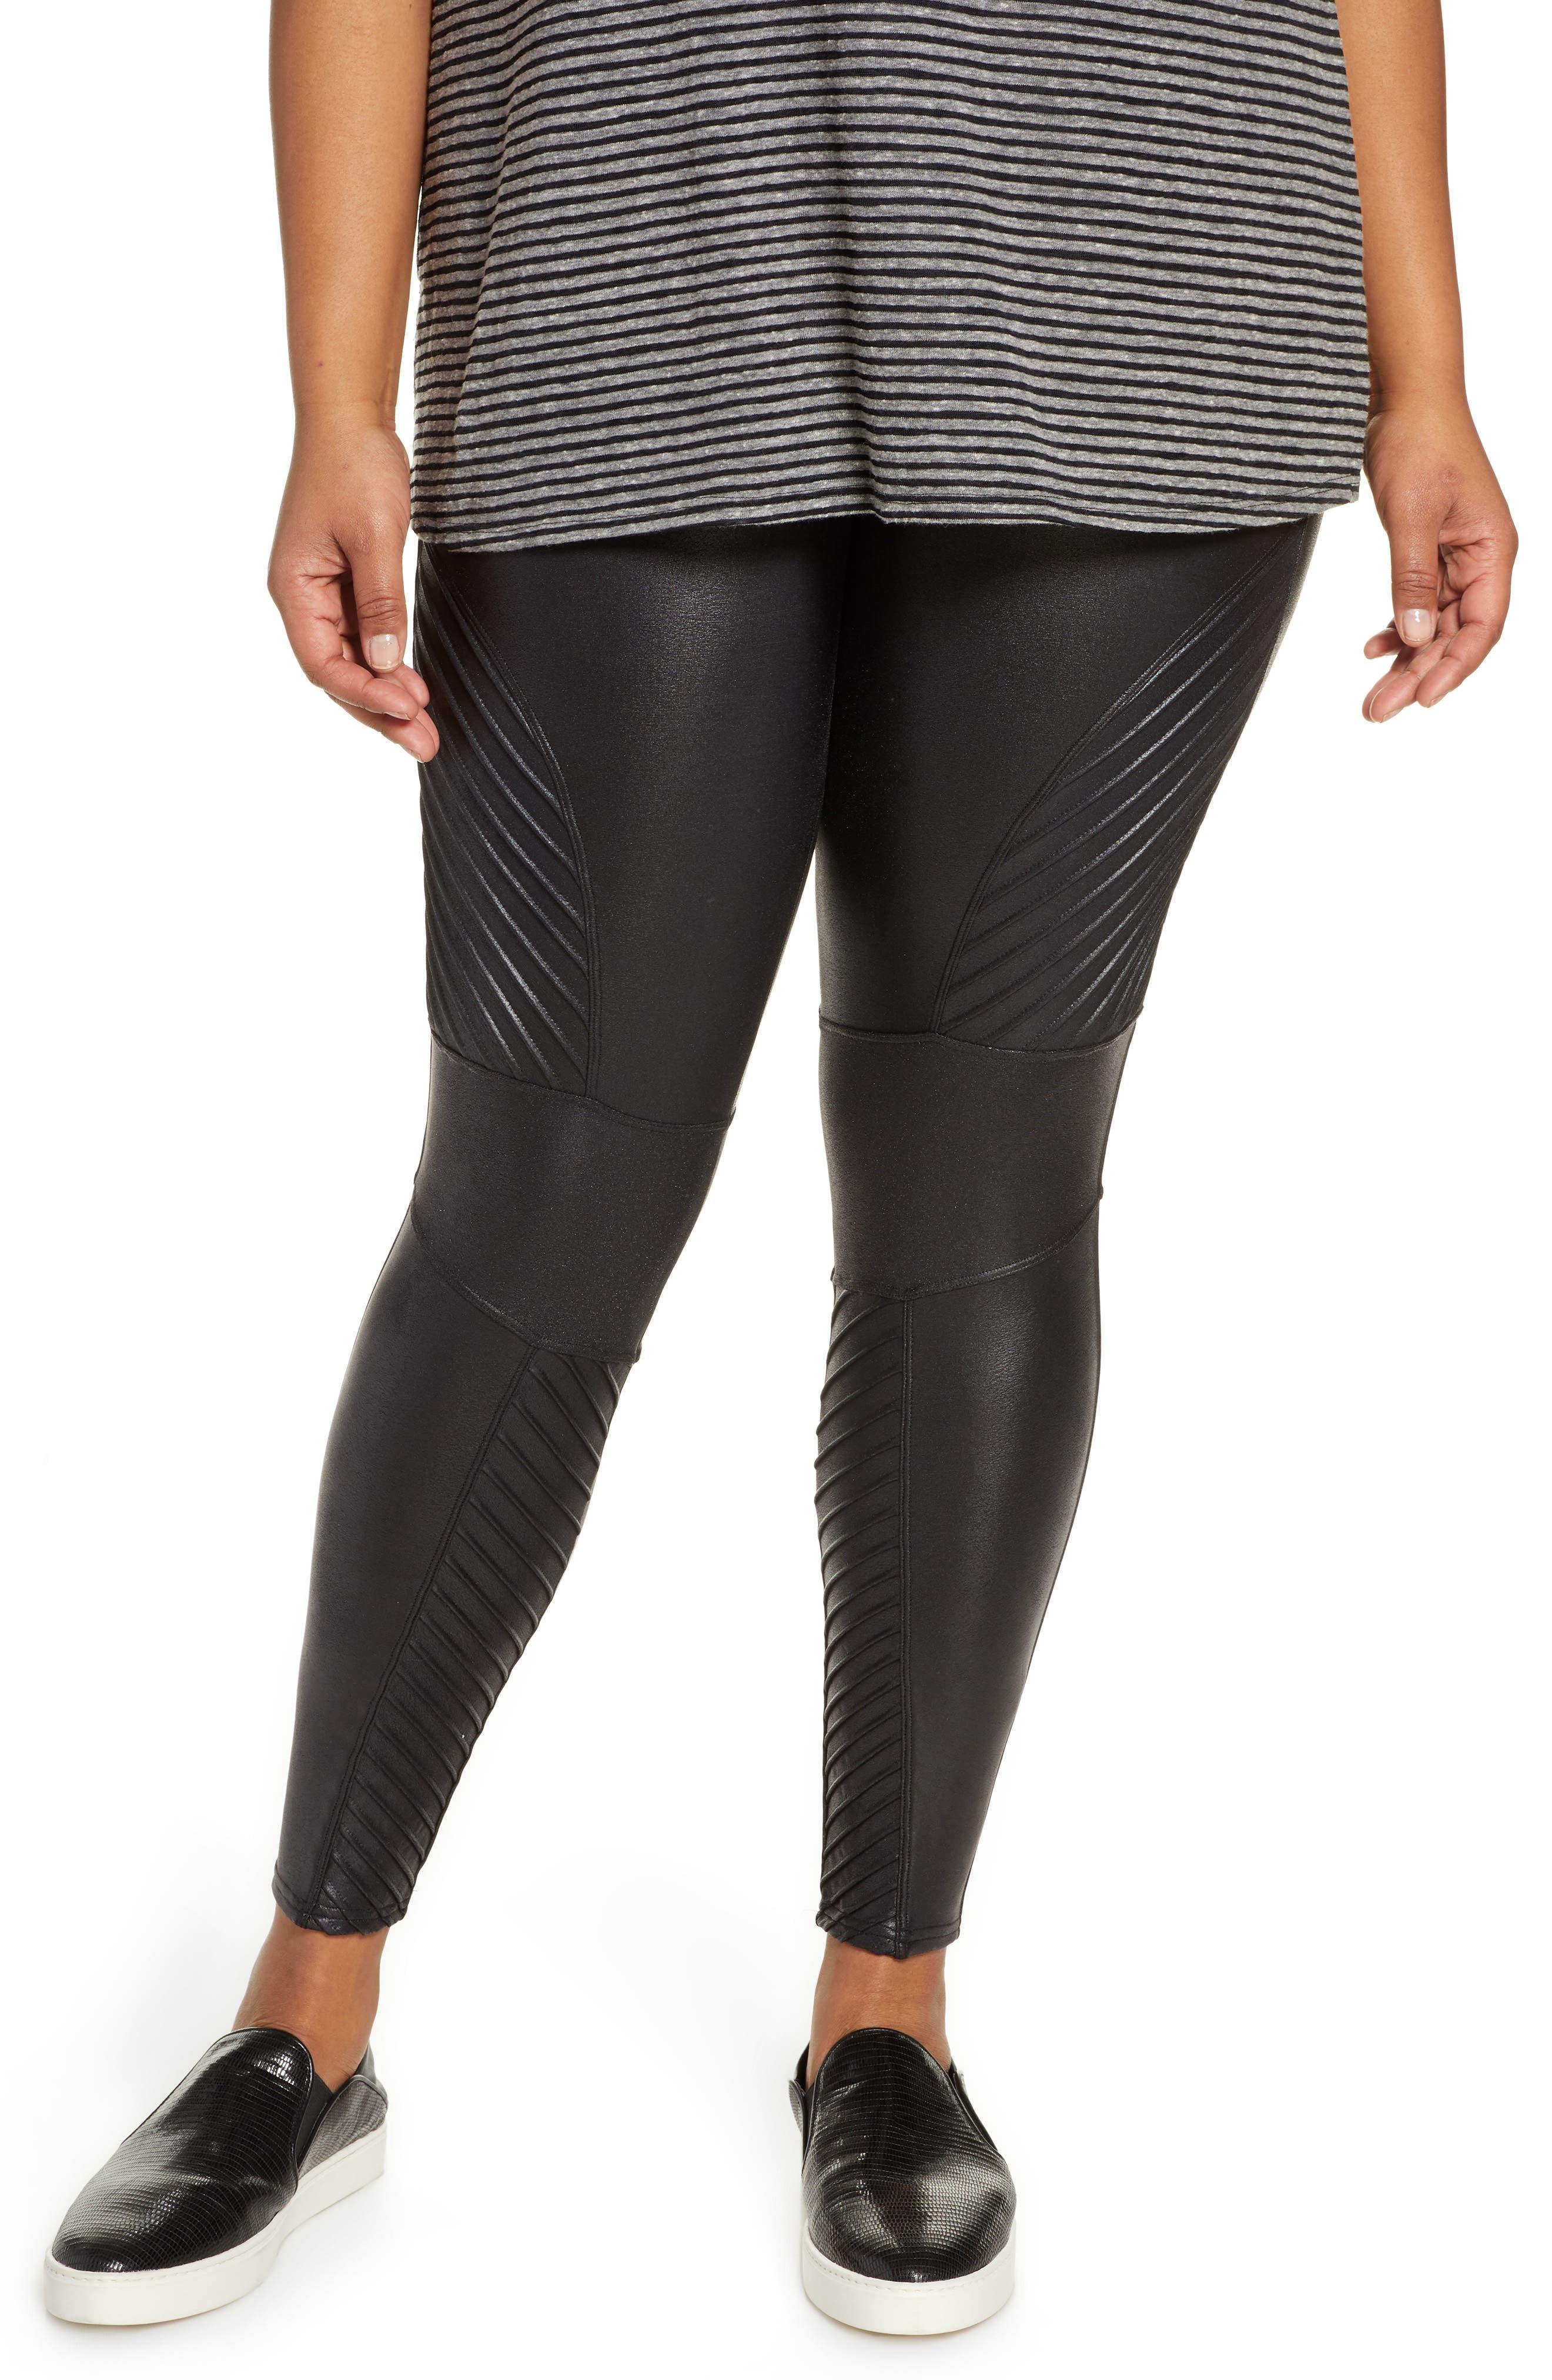 e0ebdd473c9 spanx faux leather leggings